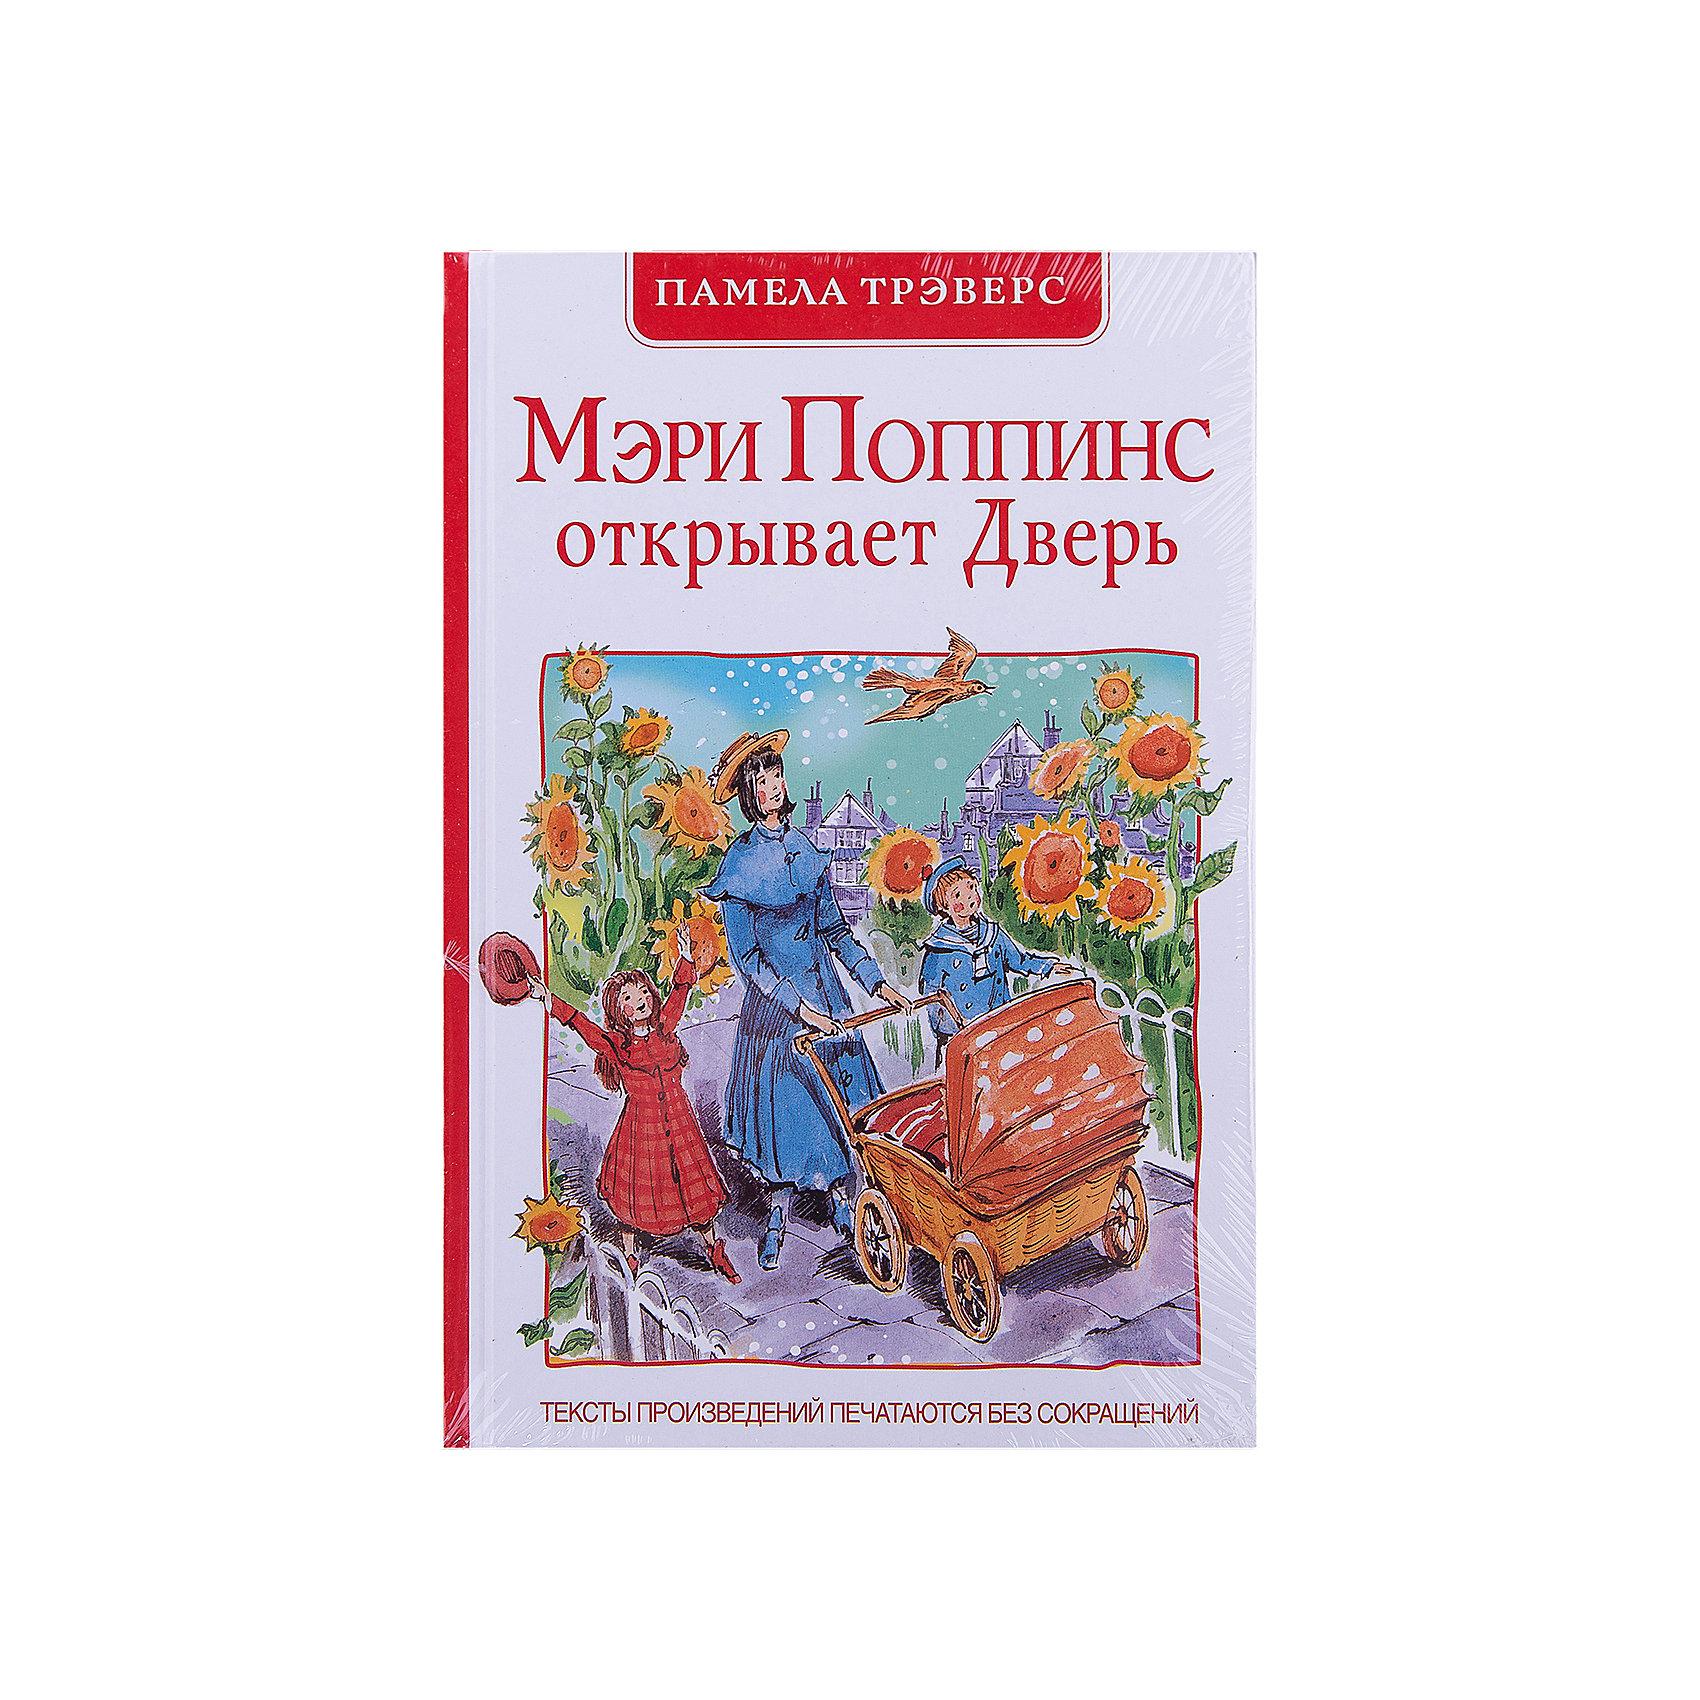 Мэри Поппинс открывает дверь, П. ТрэверсКнига Мэри Поппинс открывает дверь, Росмэн - третья книга из знаменитой, любимой многими детьми, серии повестей о доброй волшебнице Мэри Поппинс. Каждый раз с появлением чудесной няни мир вокруг волшебно преображается. Но на этот раз открыв таинственную Дверь, Мэри Поппинс улетает навсегда... В книге множество ярких красочных иллюстраций.<br><br>Дополнительная информация:<br><br>- Автор: П. Трэверс<br>- Перевод: Л. Яхнин.<br>- Иллюстратор: О. Дмитриева.<br>- Обложка: твердая.<br>- Иллюстрации: цветные.<br>- Объем: 160 стр.<br>- Размер: 22 х 15 x 1,2 см. <br>- Вес: 0,290 кг.<br><br>Книгу П. Трэверс Мэри Поппинс открывает дверь, Росмэн, можно купить в нашем интернет-магазине.<br><br>Ширина мм: 220<br>Глубина мм: 150<br>Высота мм: 12<br>Вес г: 290<br>Возраст от месяцев: 60<br>Возраст до месяцев: 144<br>Пол: Унисекс<br>Возраст: Детский<br>SKU: 4046779